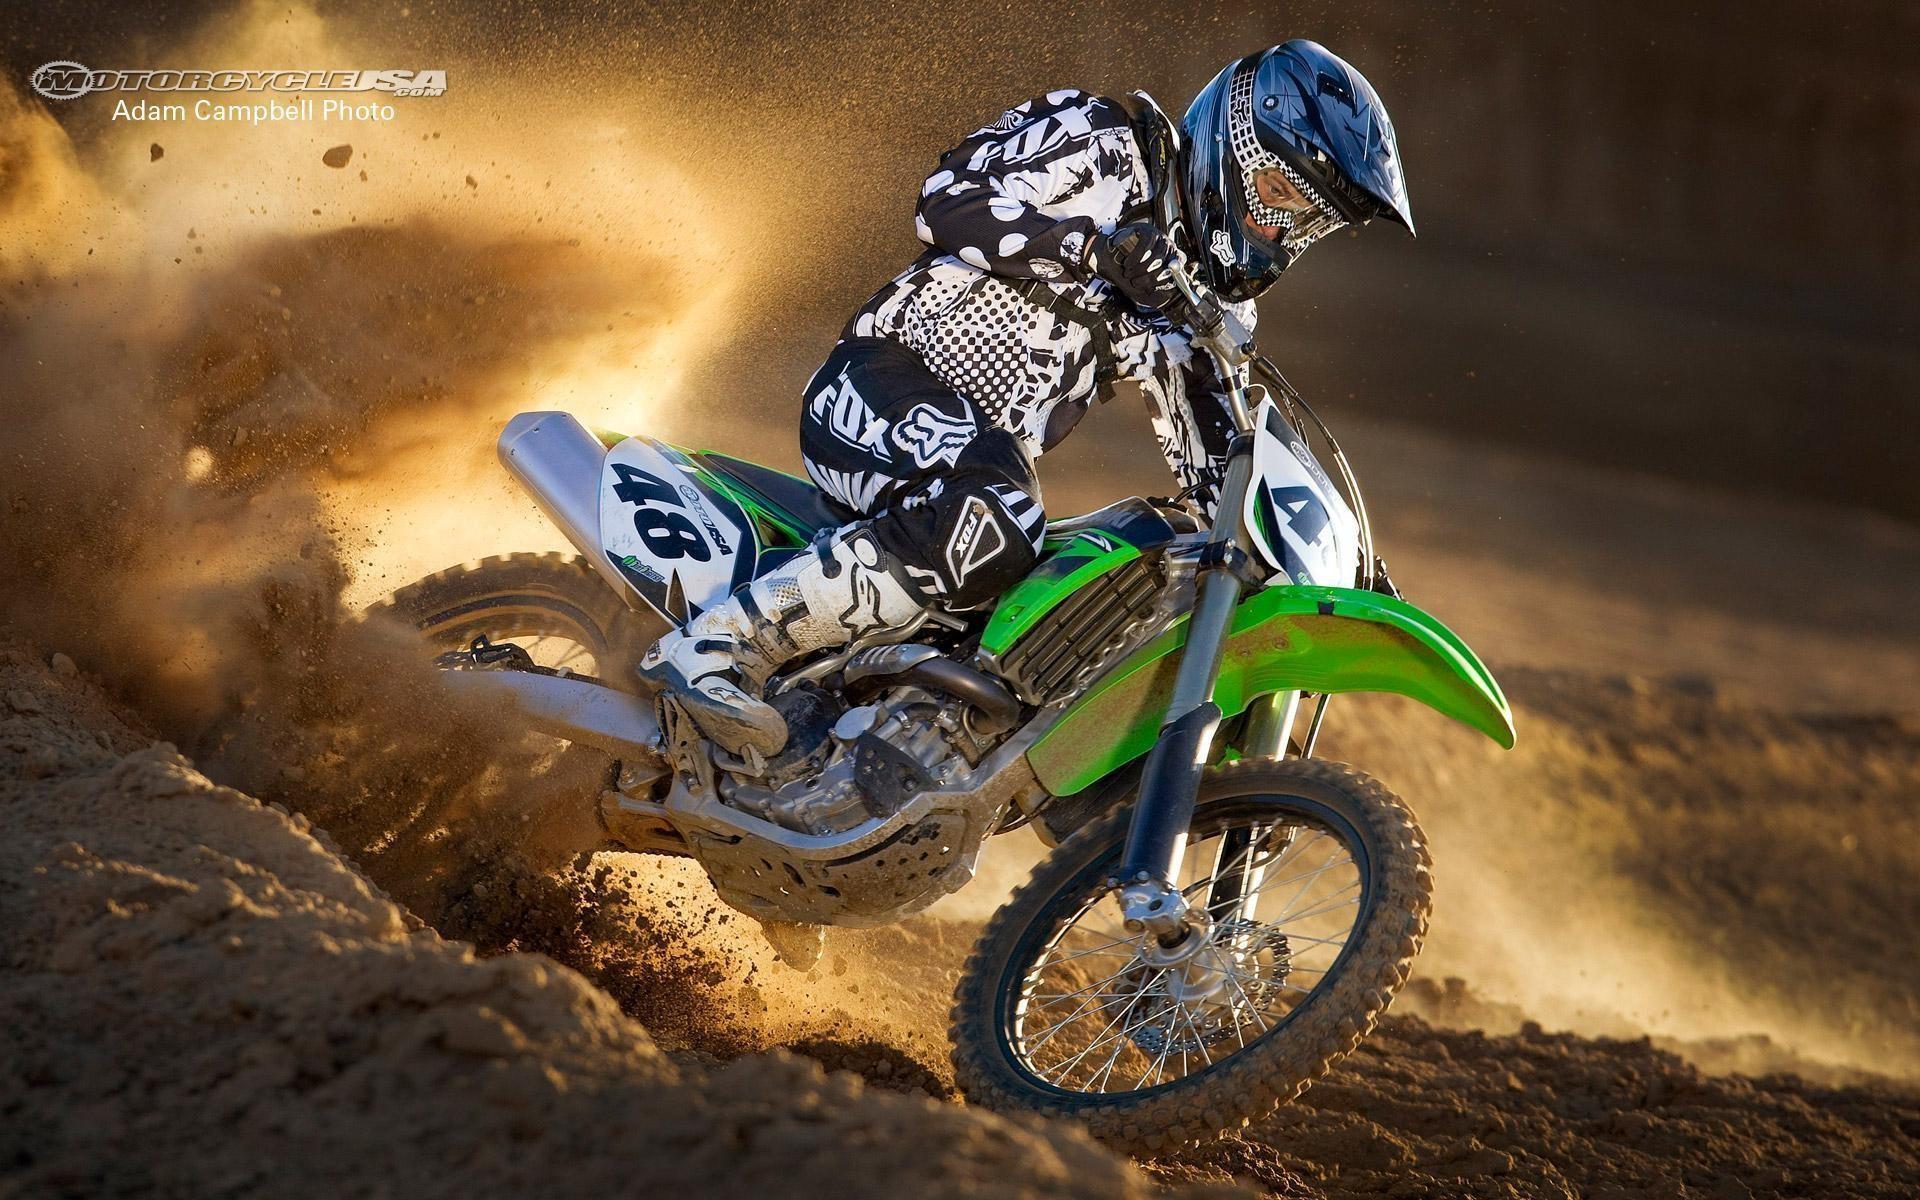 Gallery of: Dirt Bike S Wallpaper